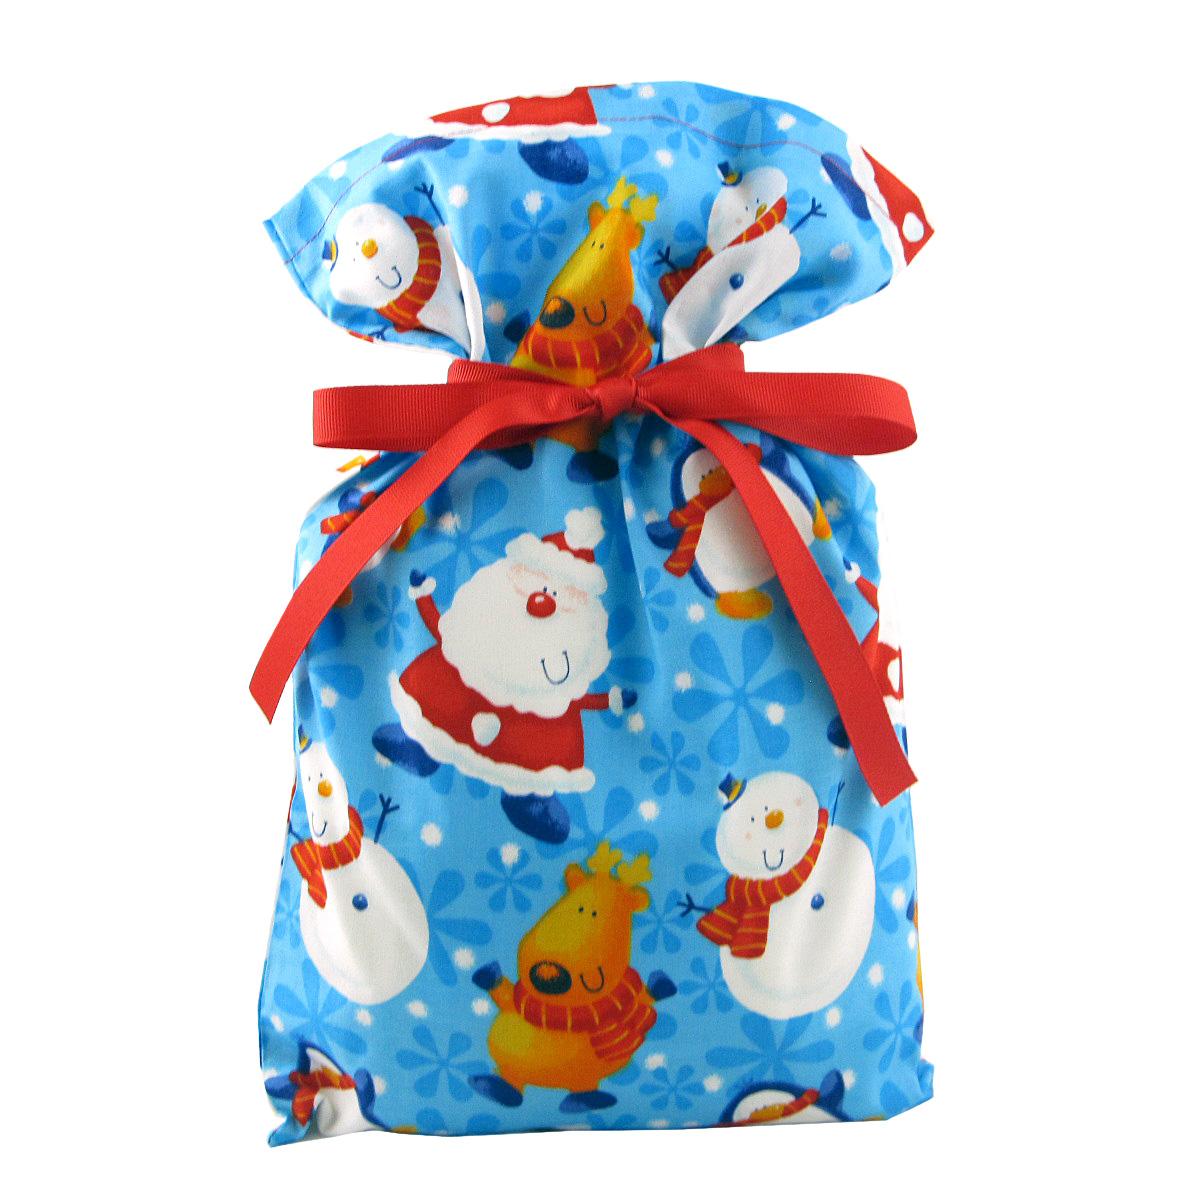 North-Pole-Buddies-Standard-Christmas-Gift-Bag